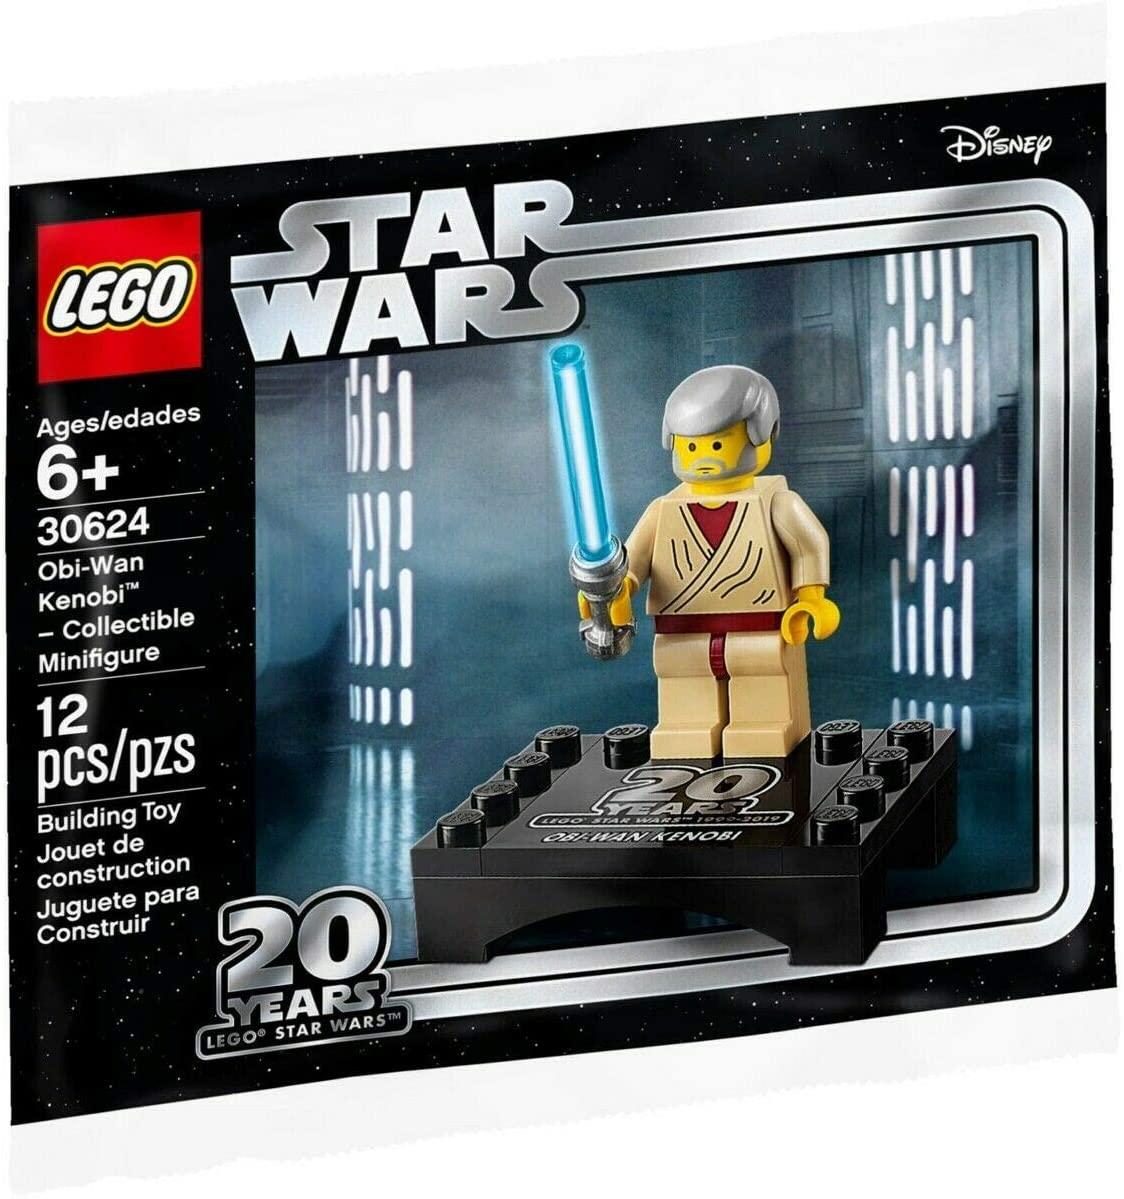 Paypal - Lego Star Wars™ Geschenk (20€MBW)